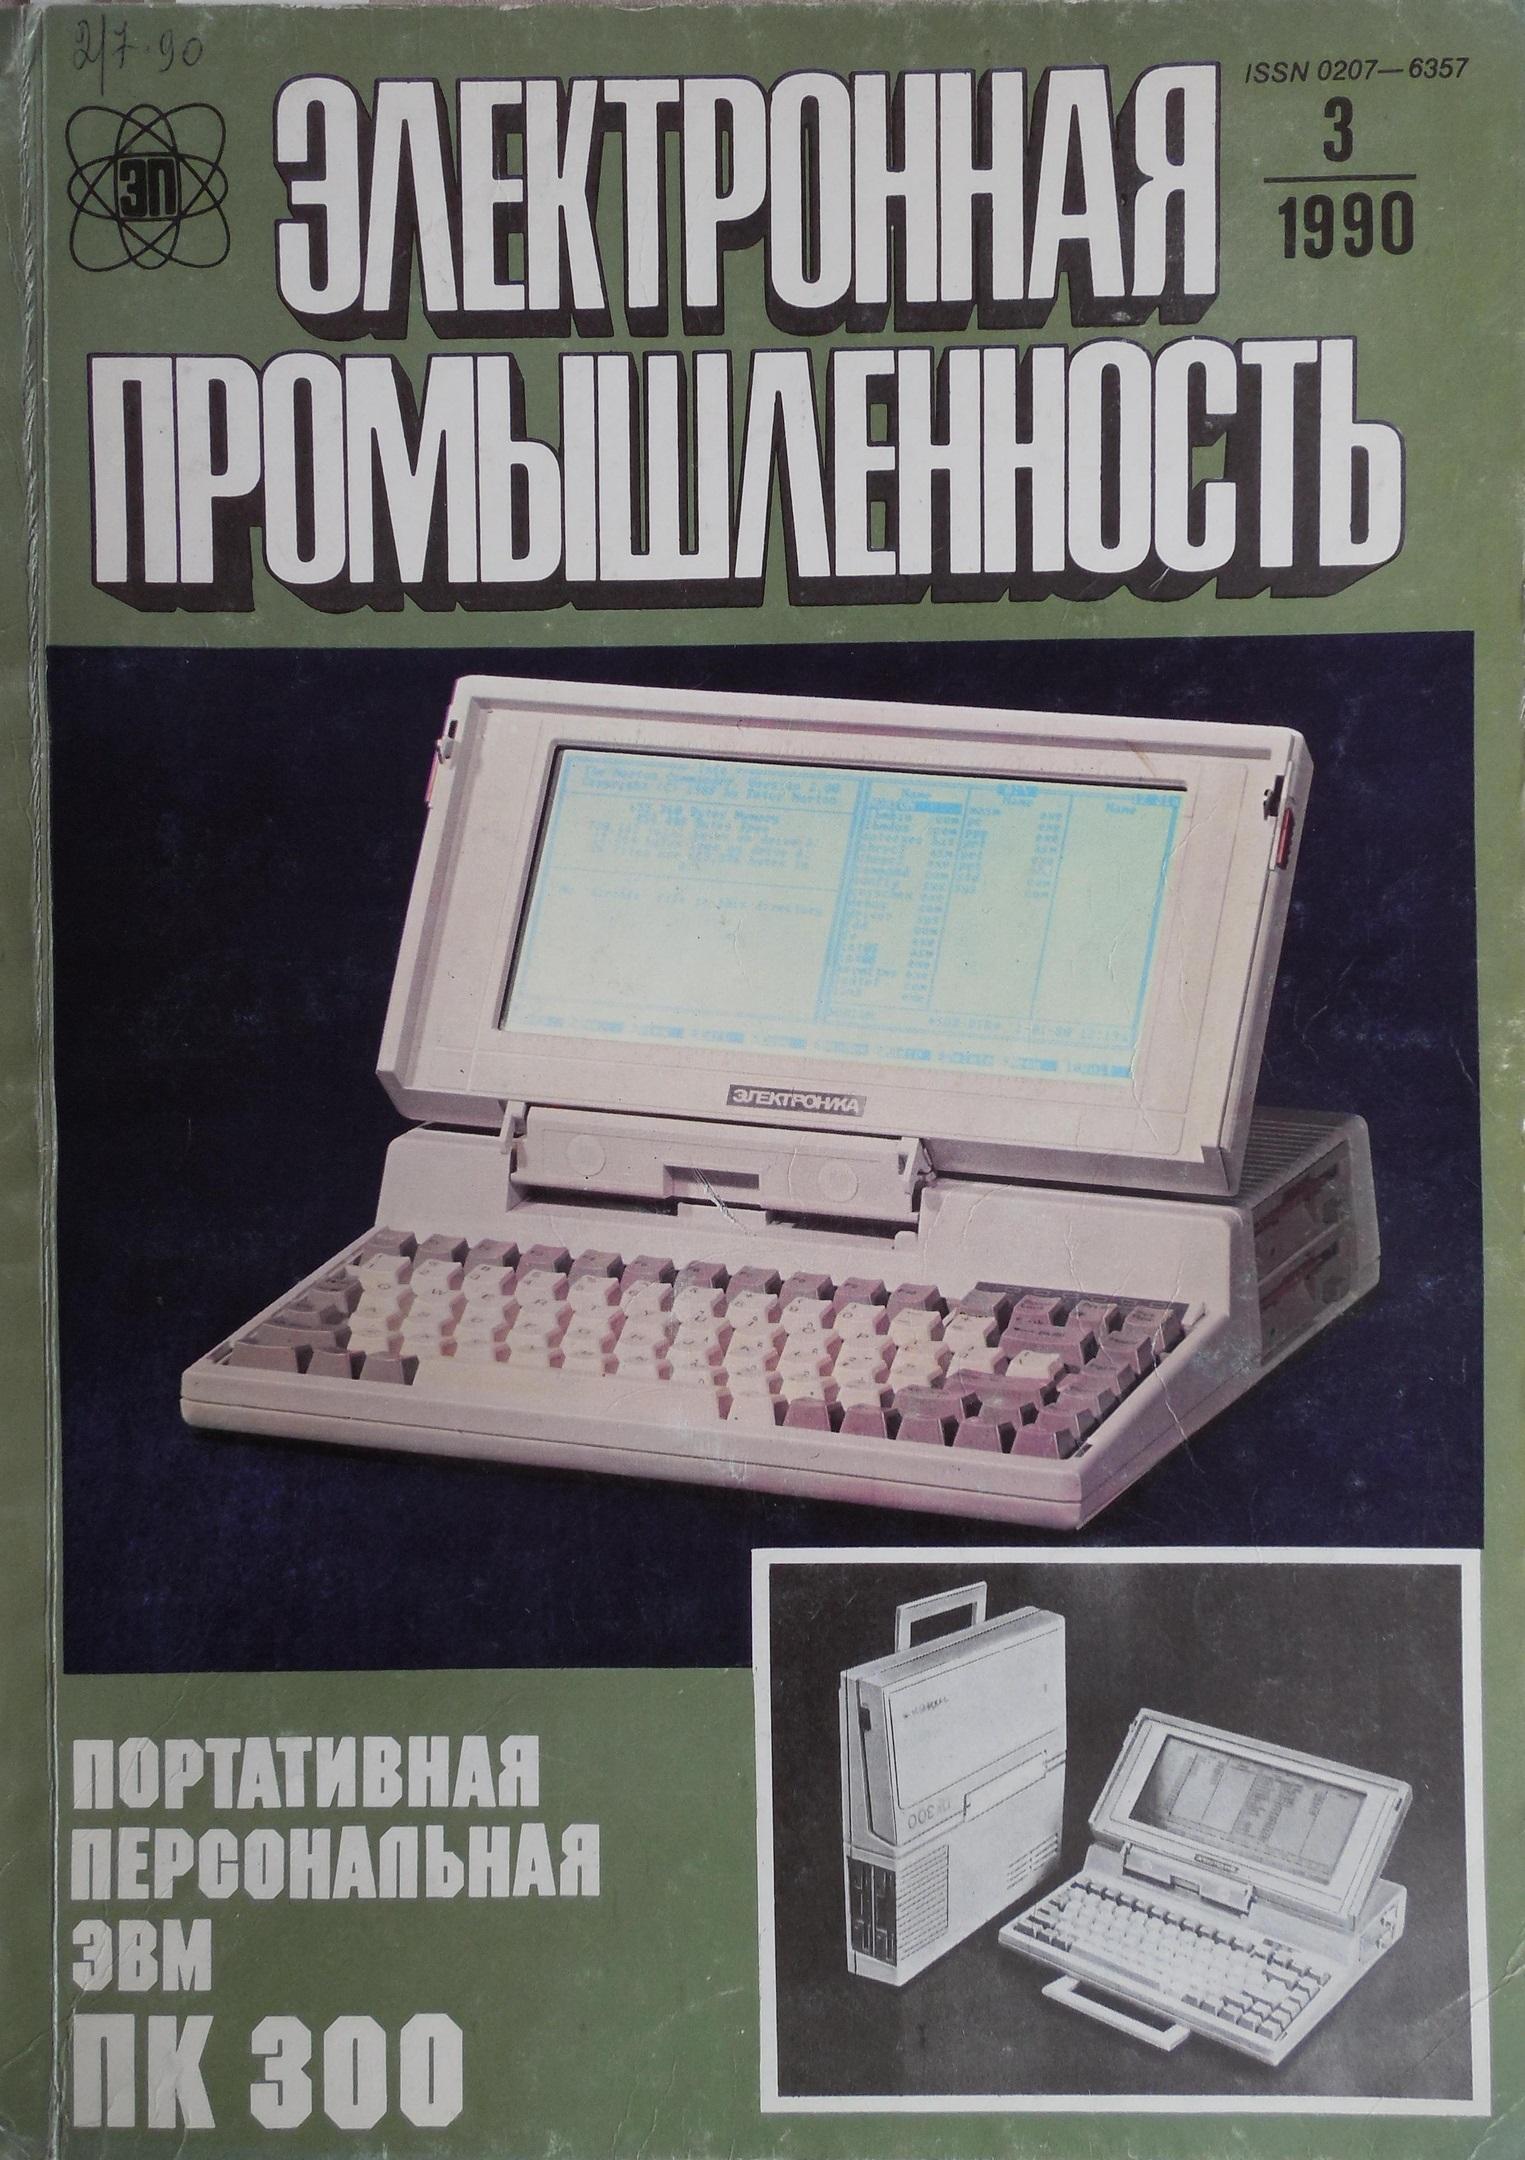 Журнал с подробной статьей о ноутбуке